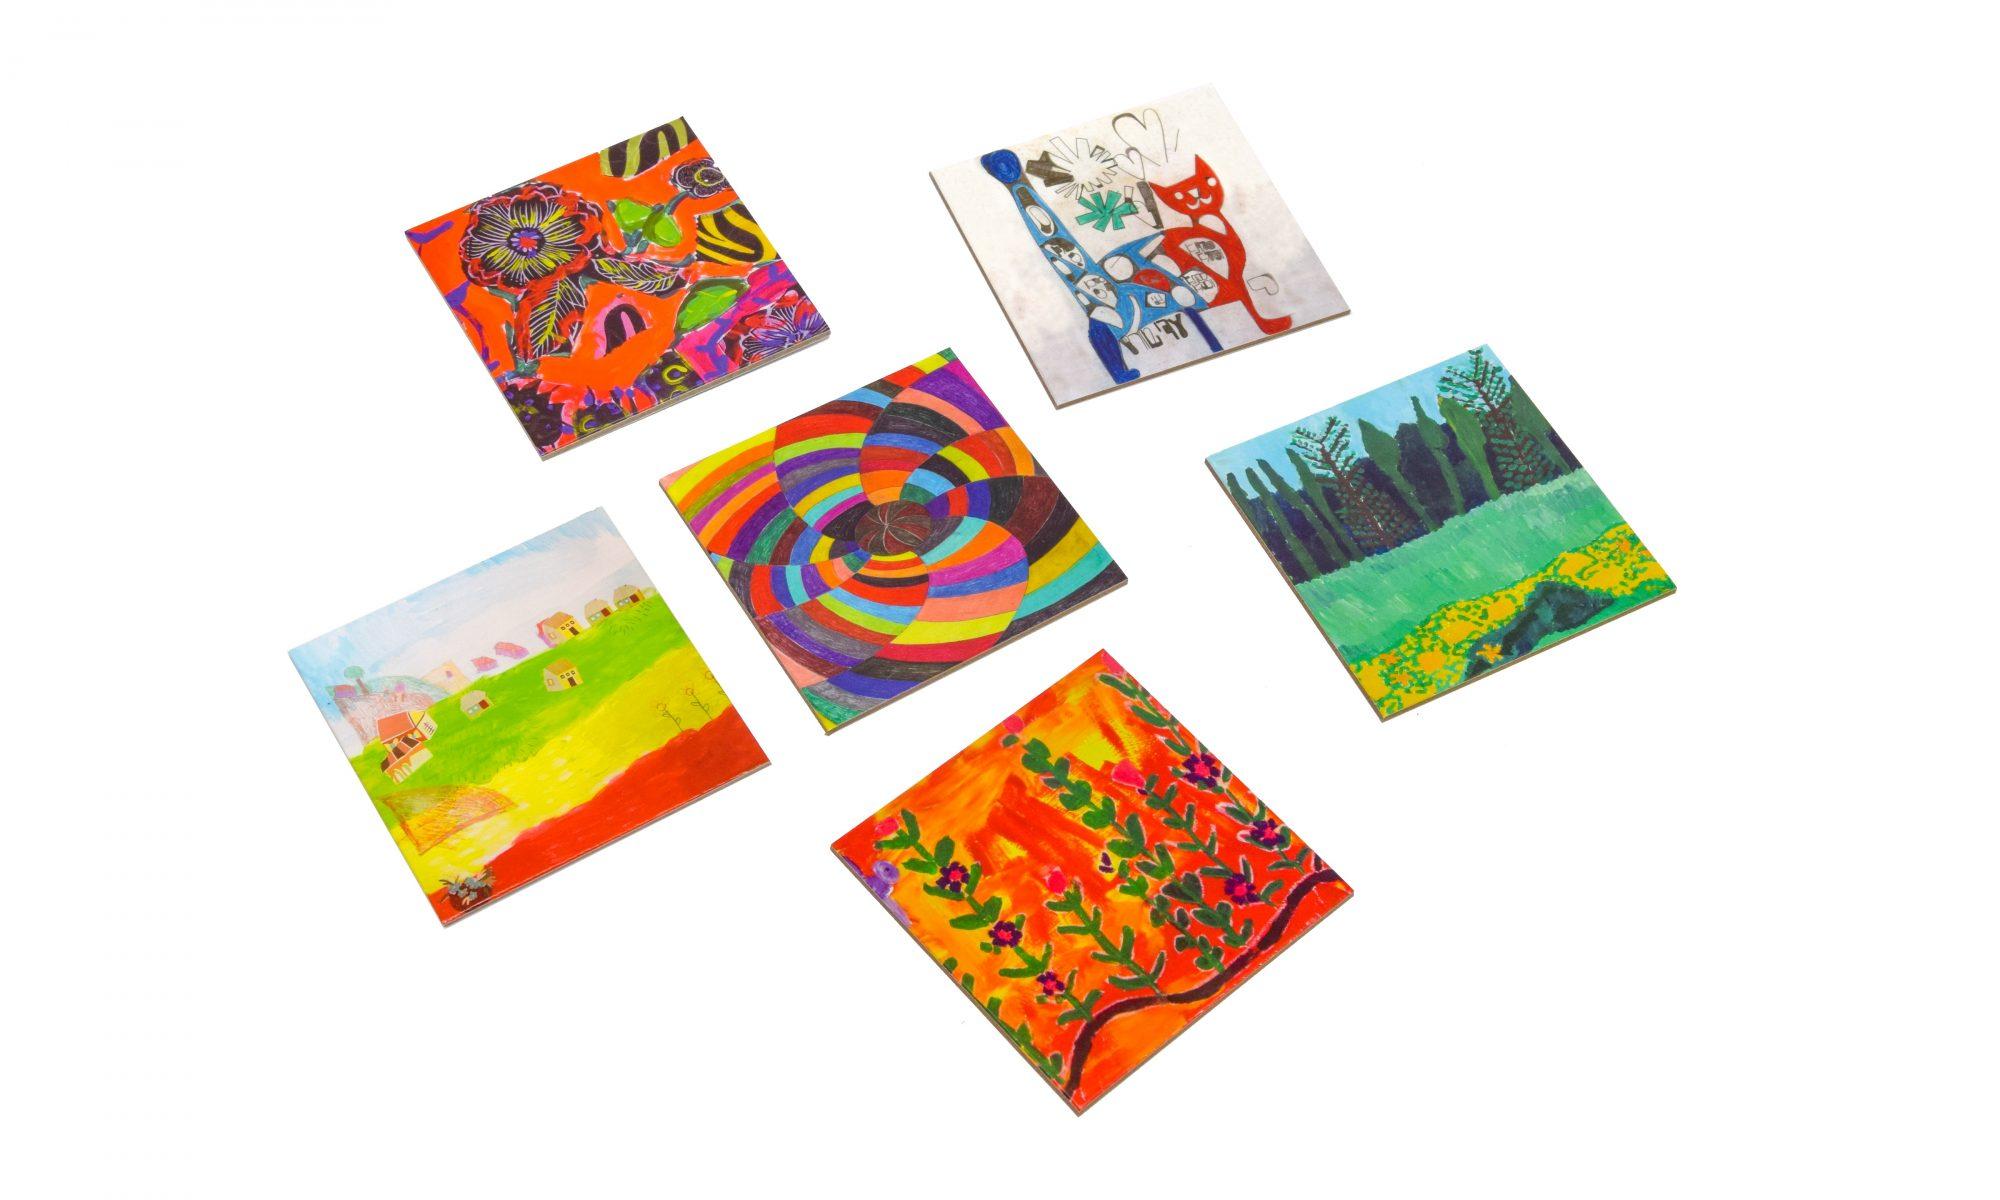 תחתיות לכוסות עם ציורים של אמנים עם אוטיזם